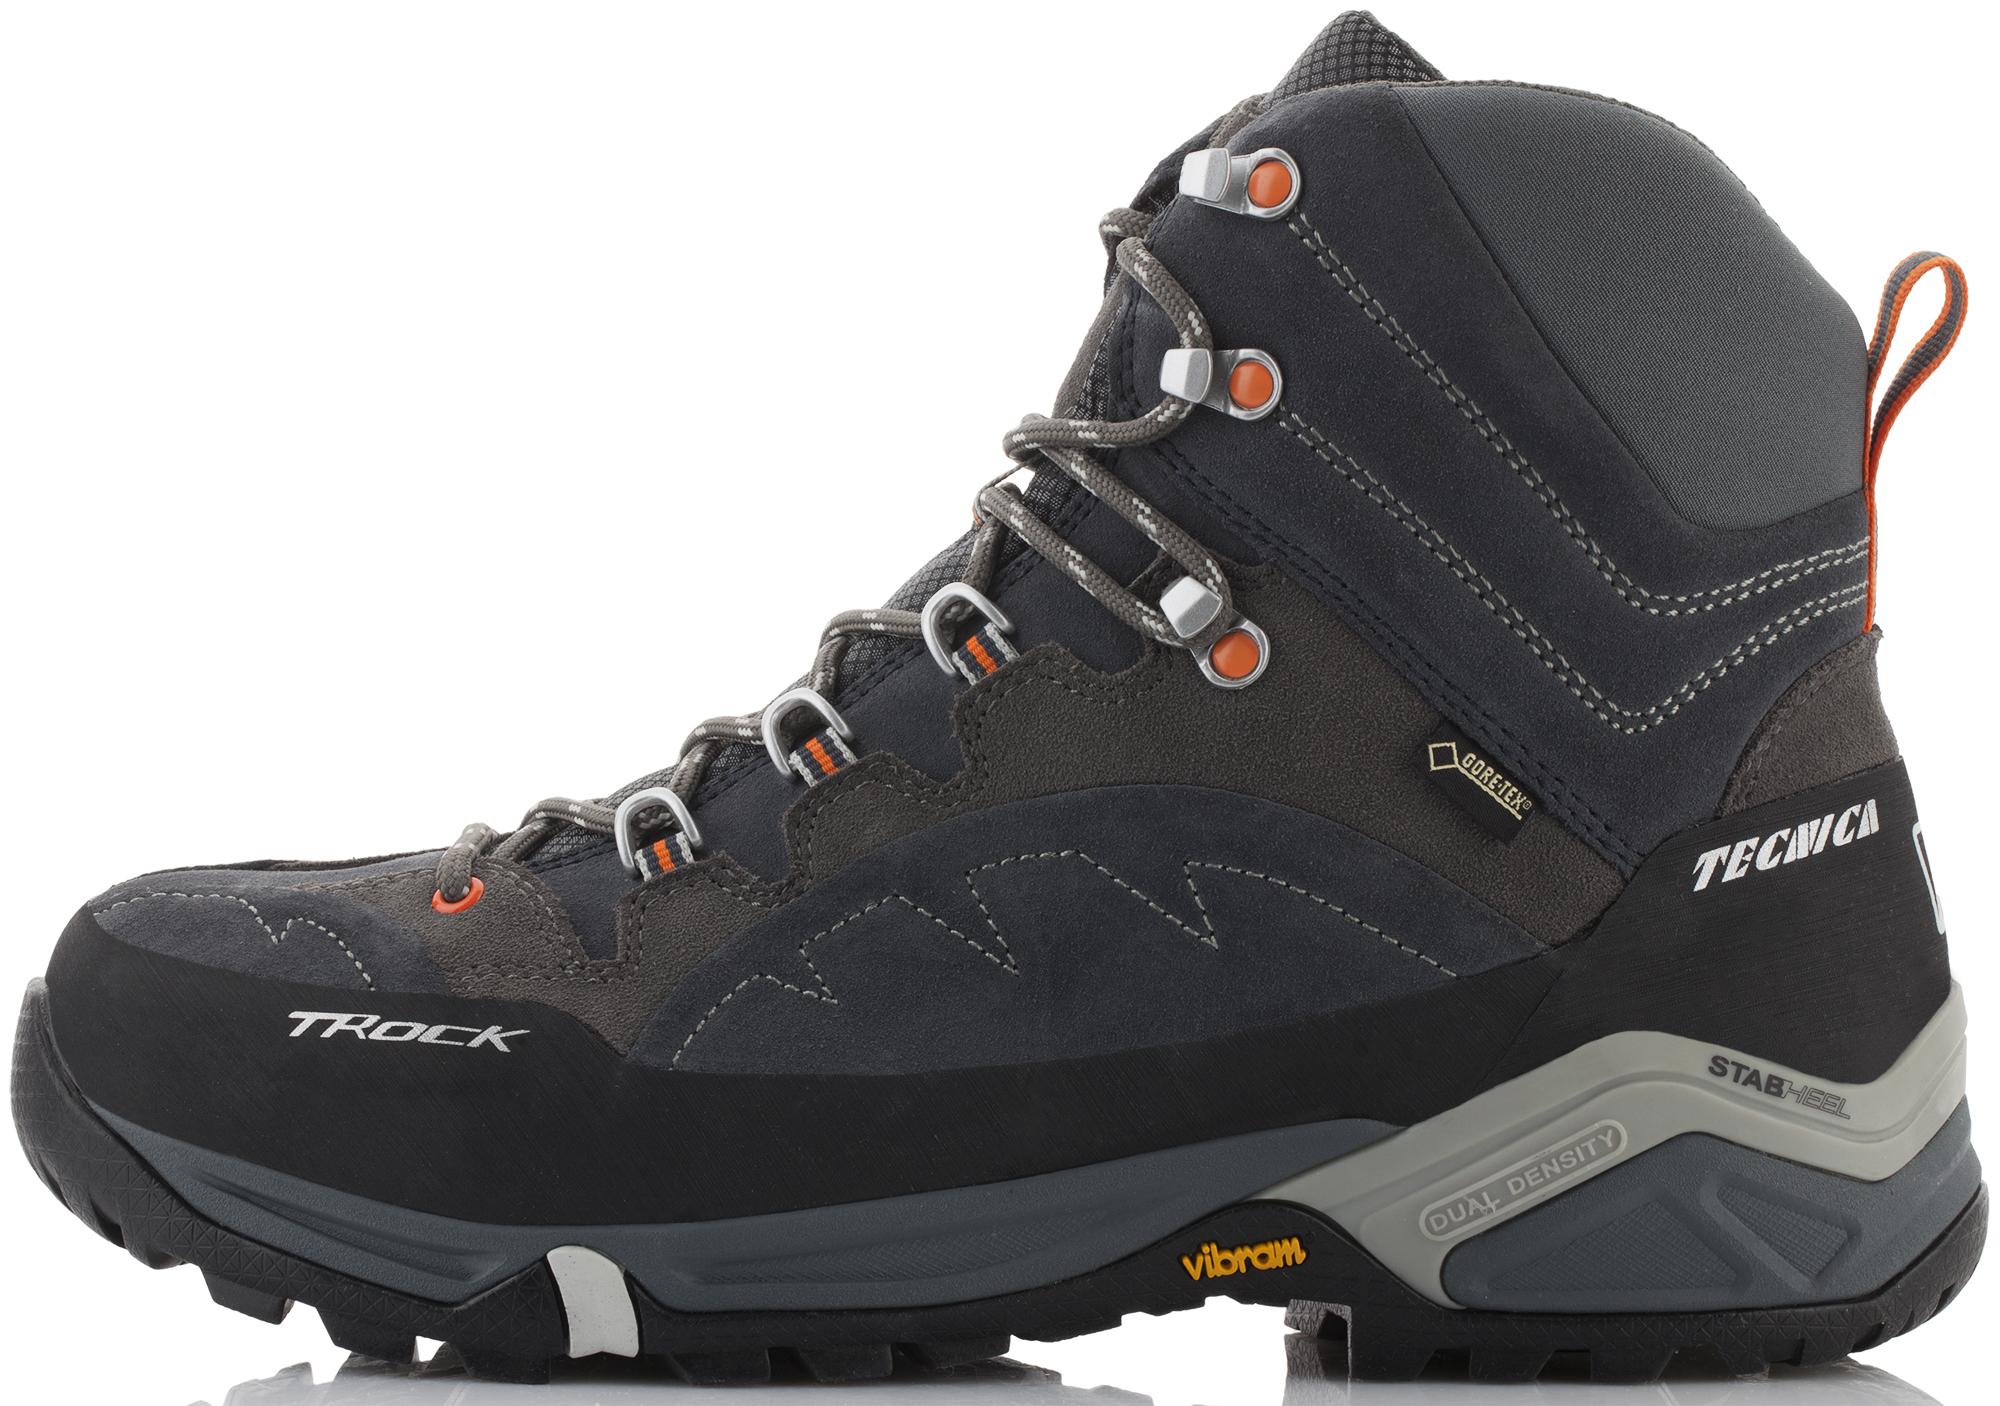 Tecnica Ботинки мужские Tecnica T-Rock GTX, размер 43